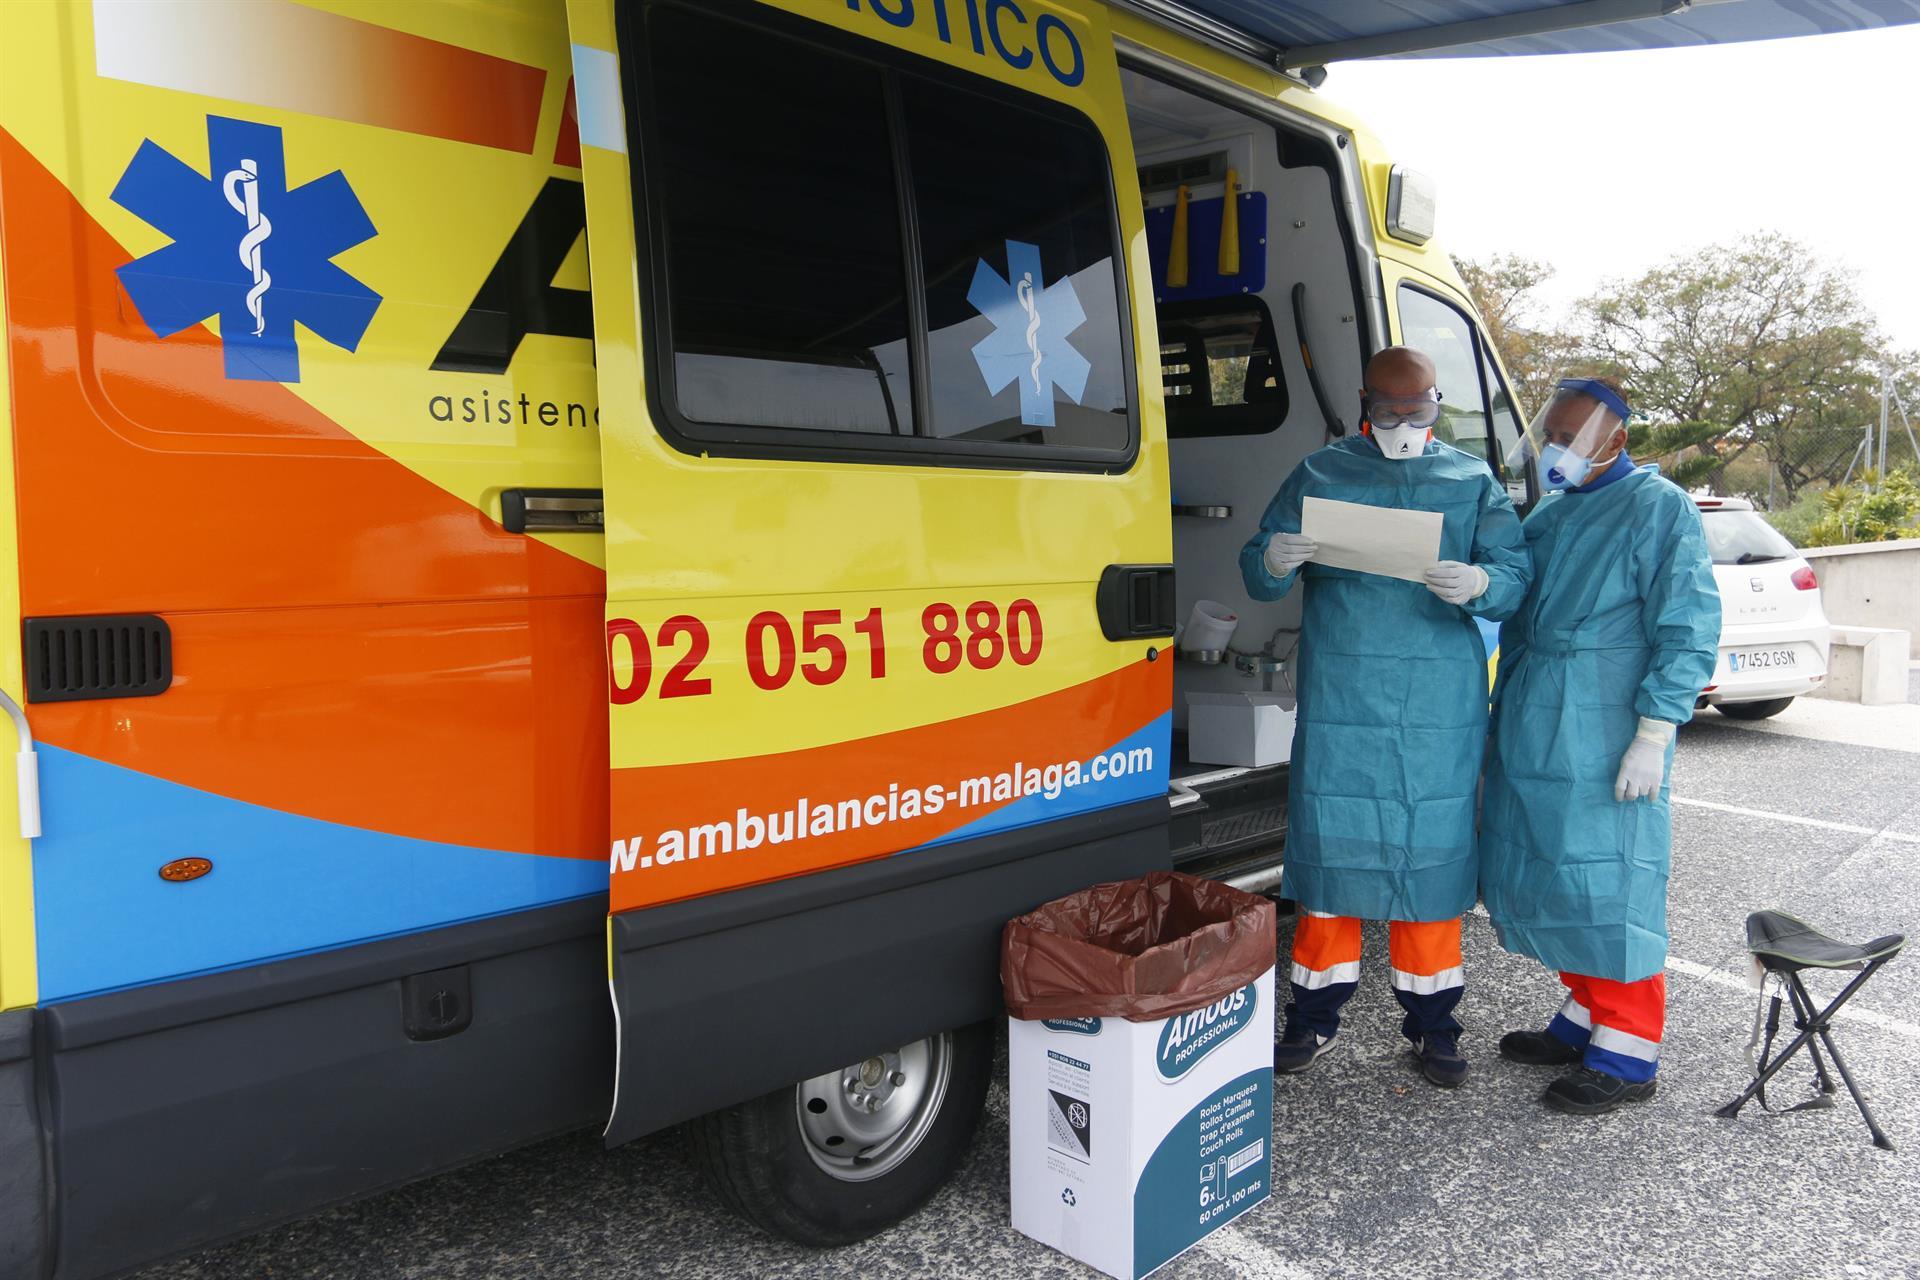 Granada registra 661 contagios, 8 muertes, y 263 hospitalizaciones, 54 en UCI